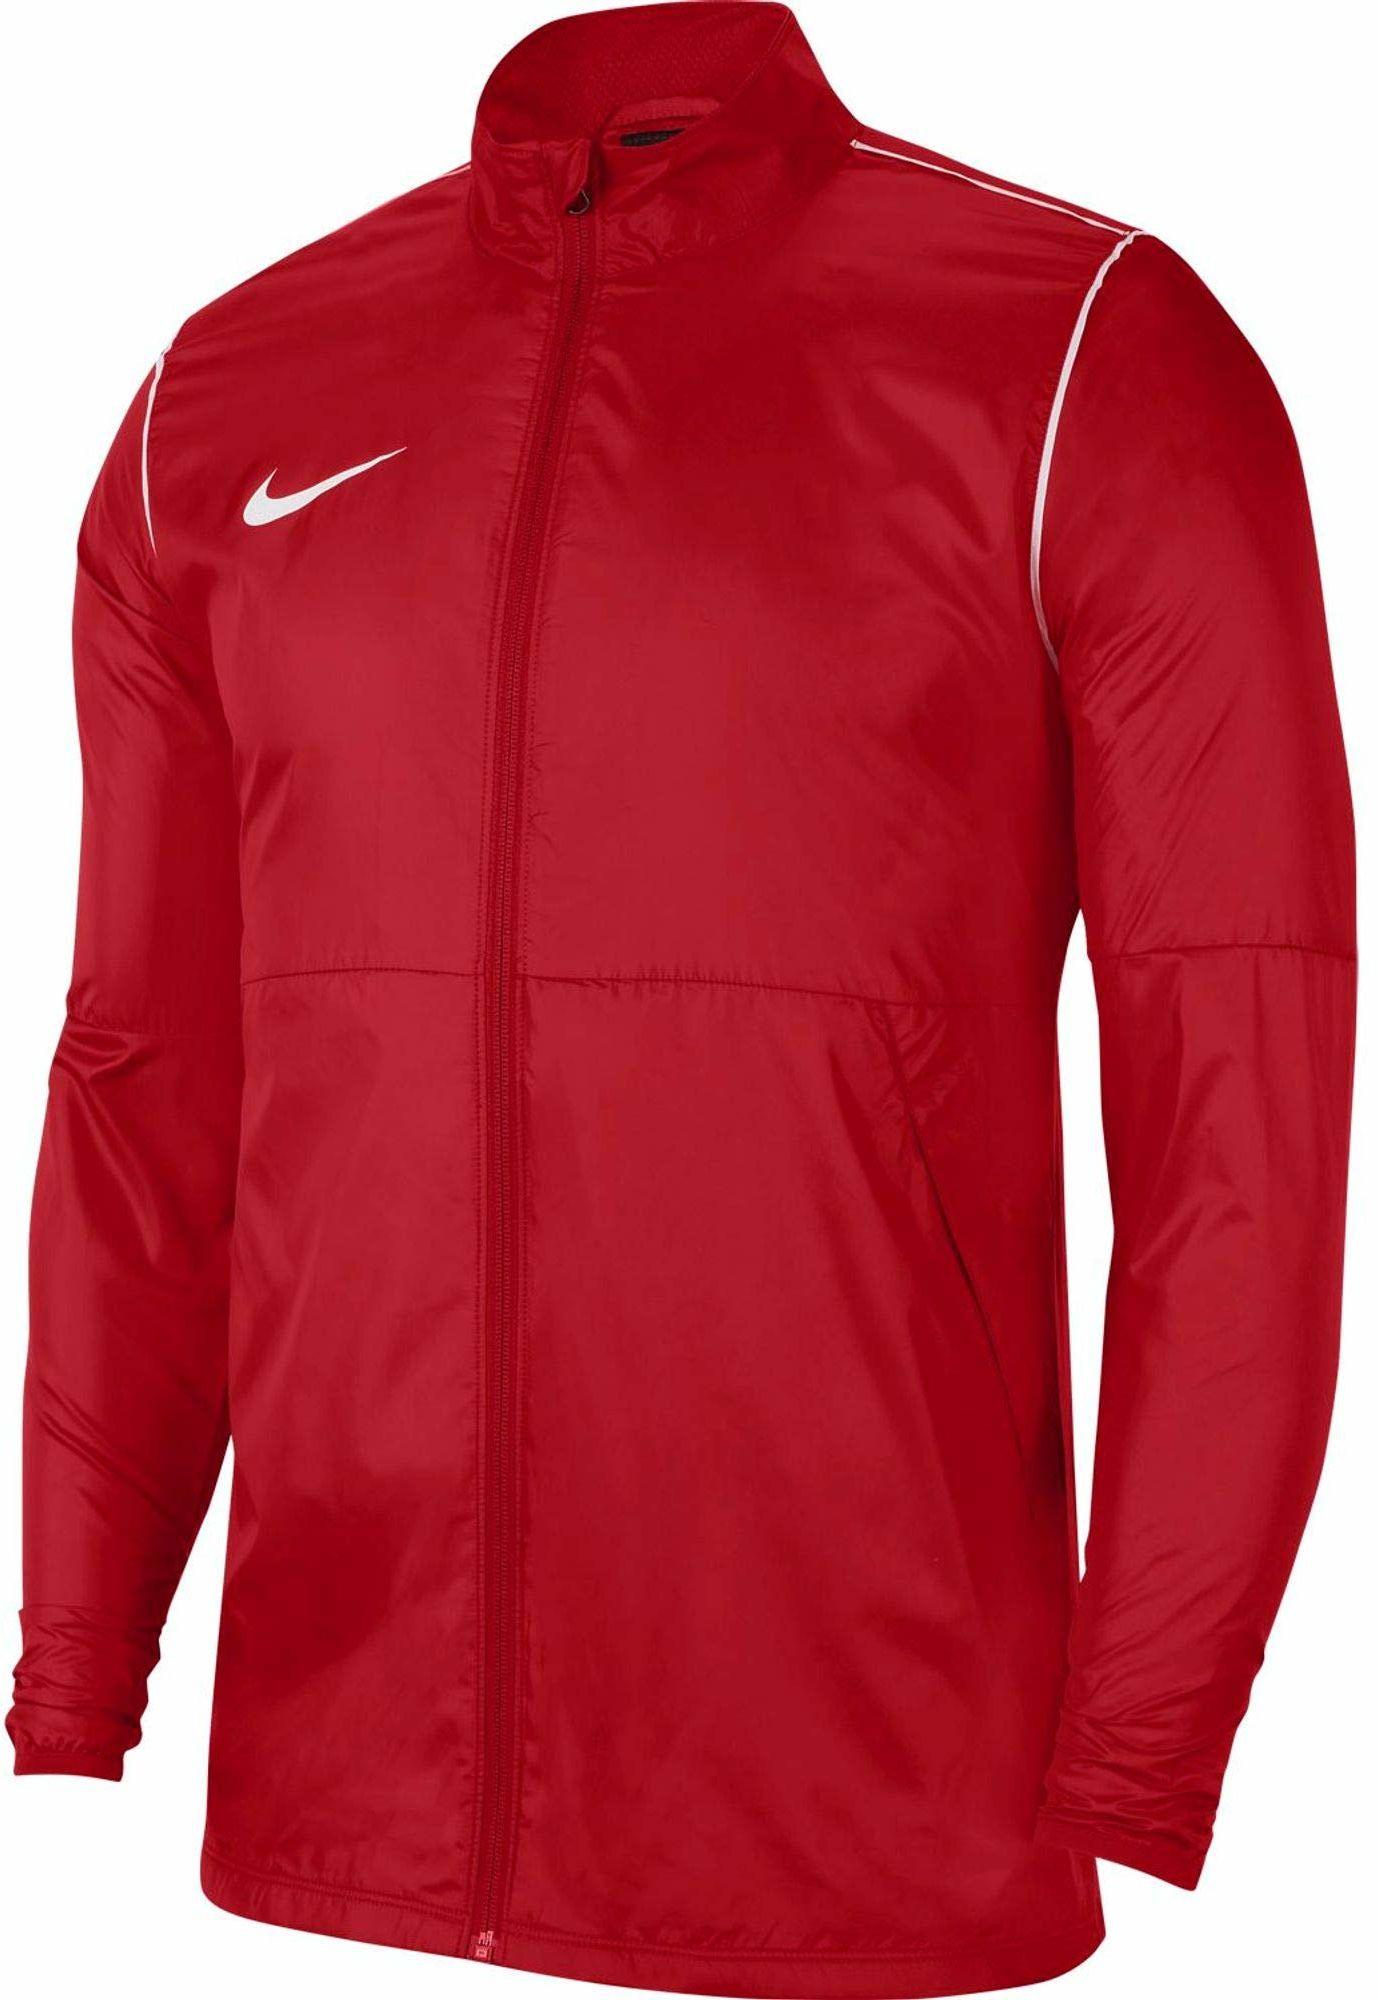 Nike Unisex dziecięca kurtka przeciwdeszczowa Park20 University Red/White/(White) XL